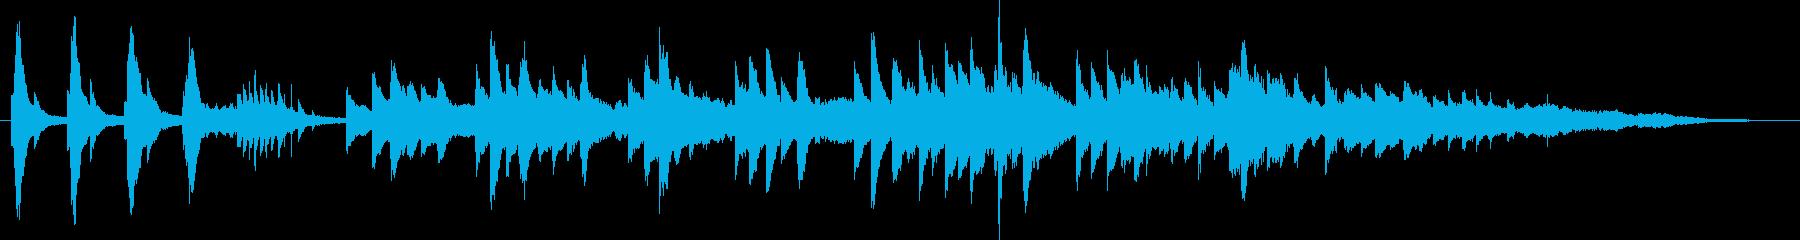 ピアノをメインにした楽曲の再生済みの波形